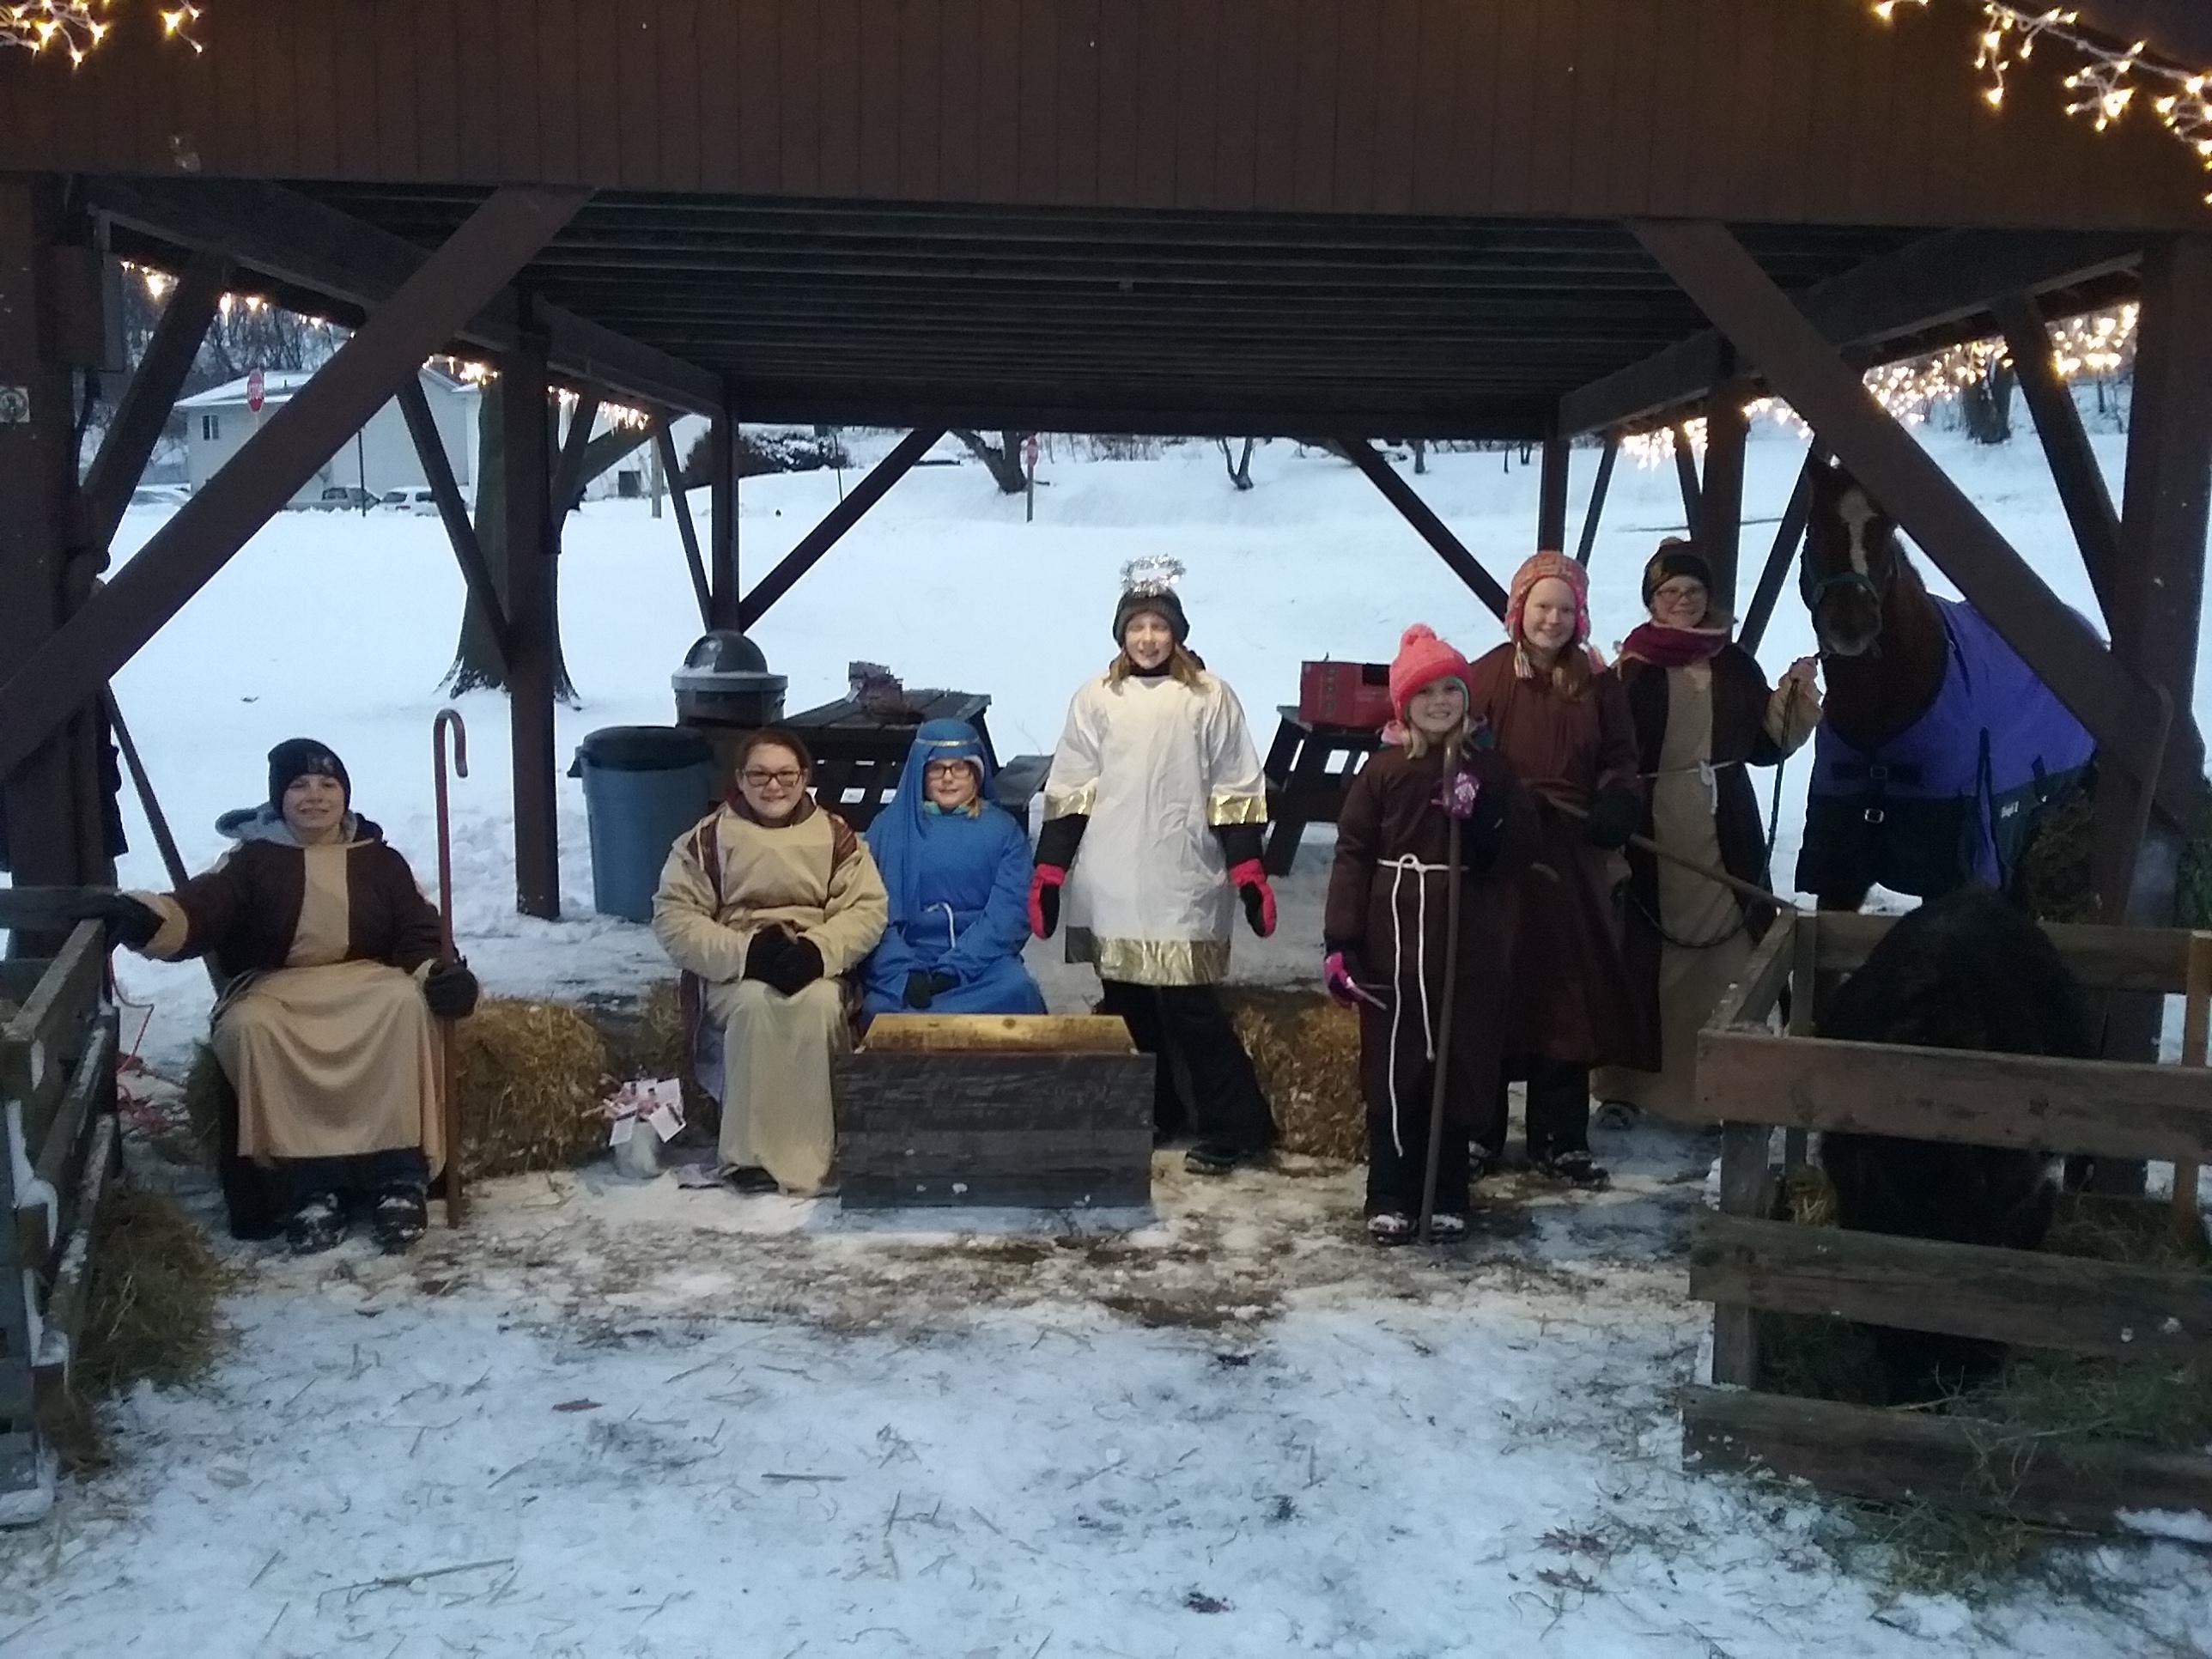 LIve nativity group